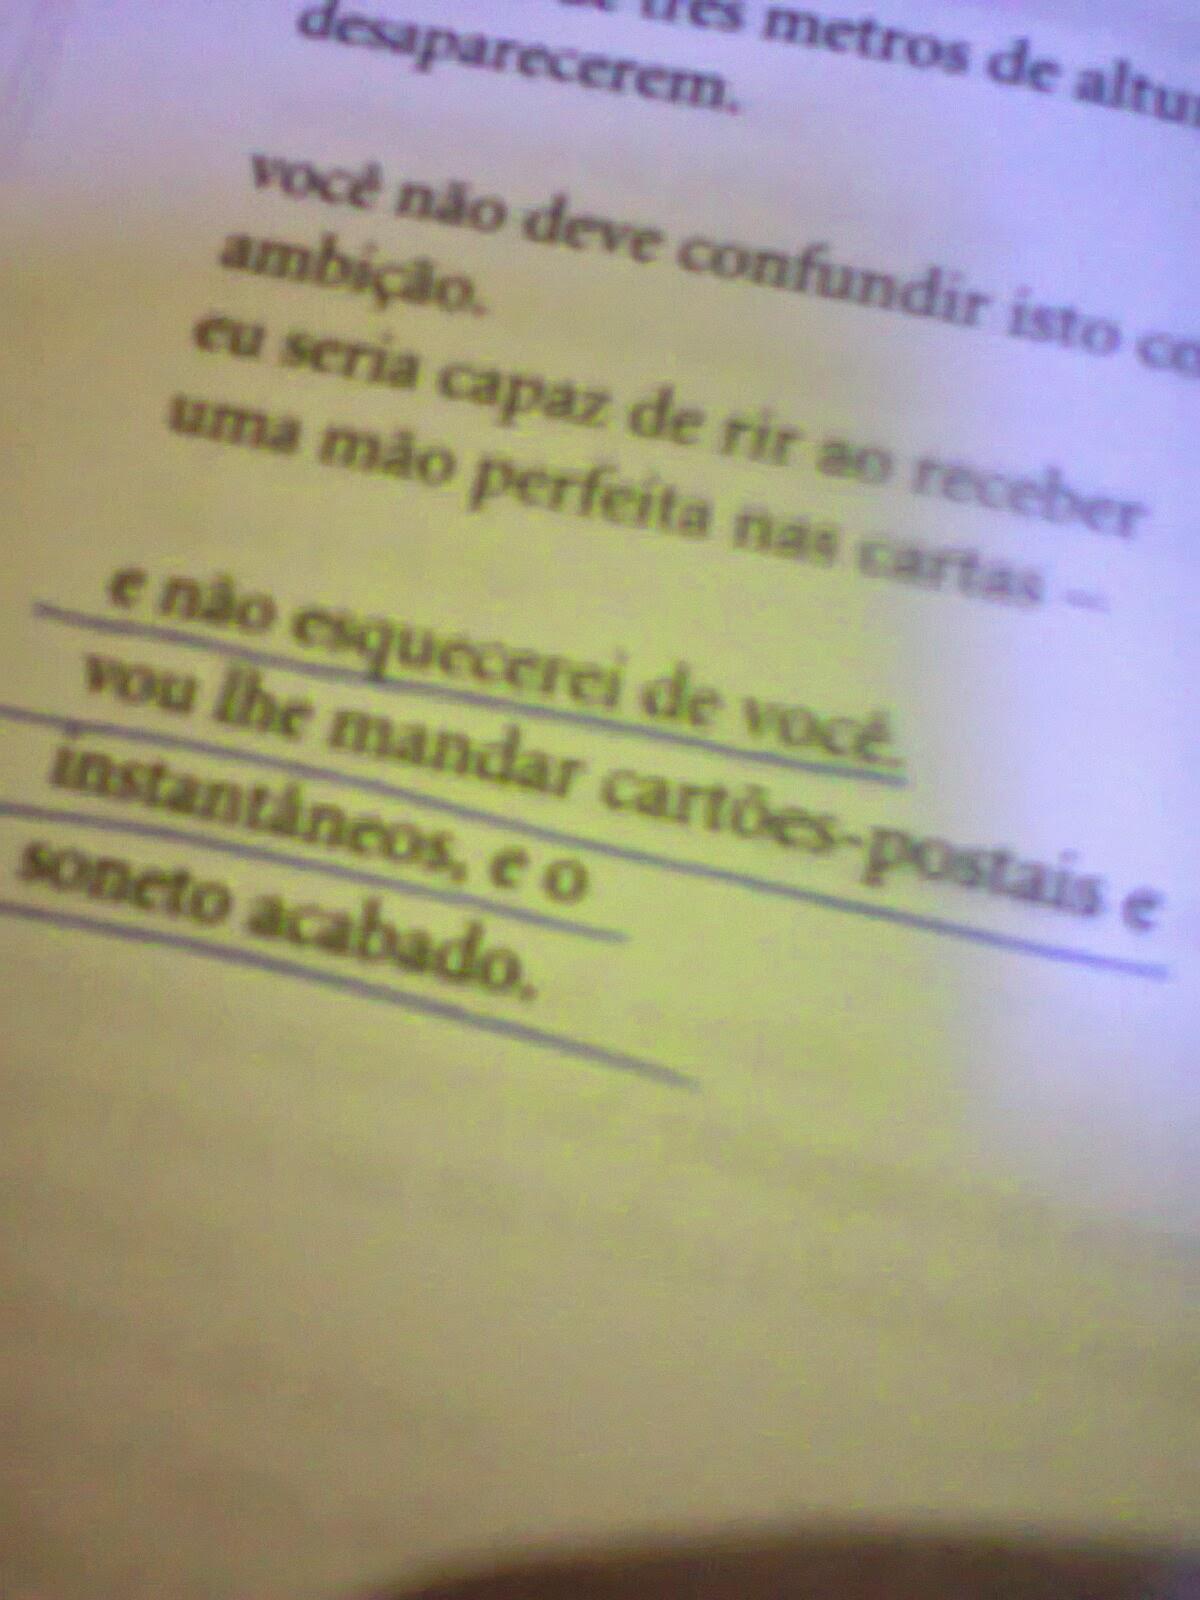 Trechos De Livros De Amor Eb94 Ivango